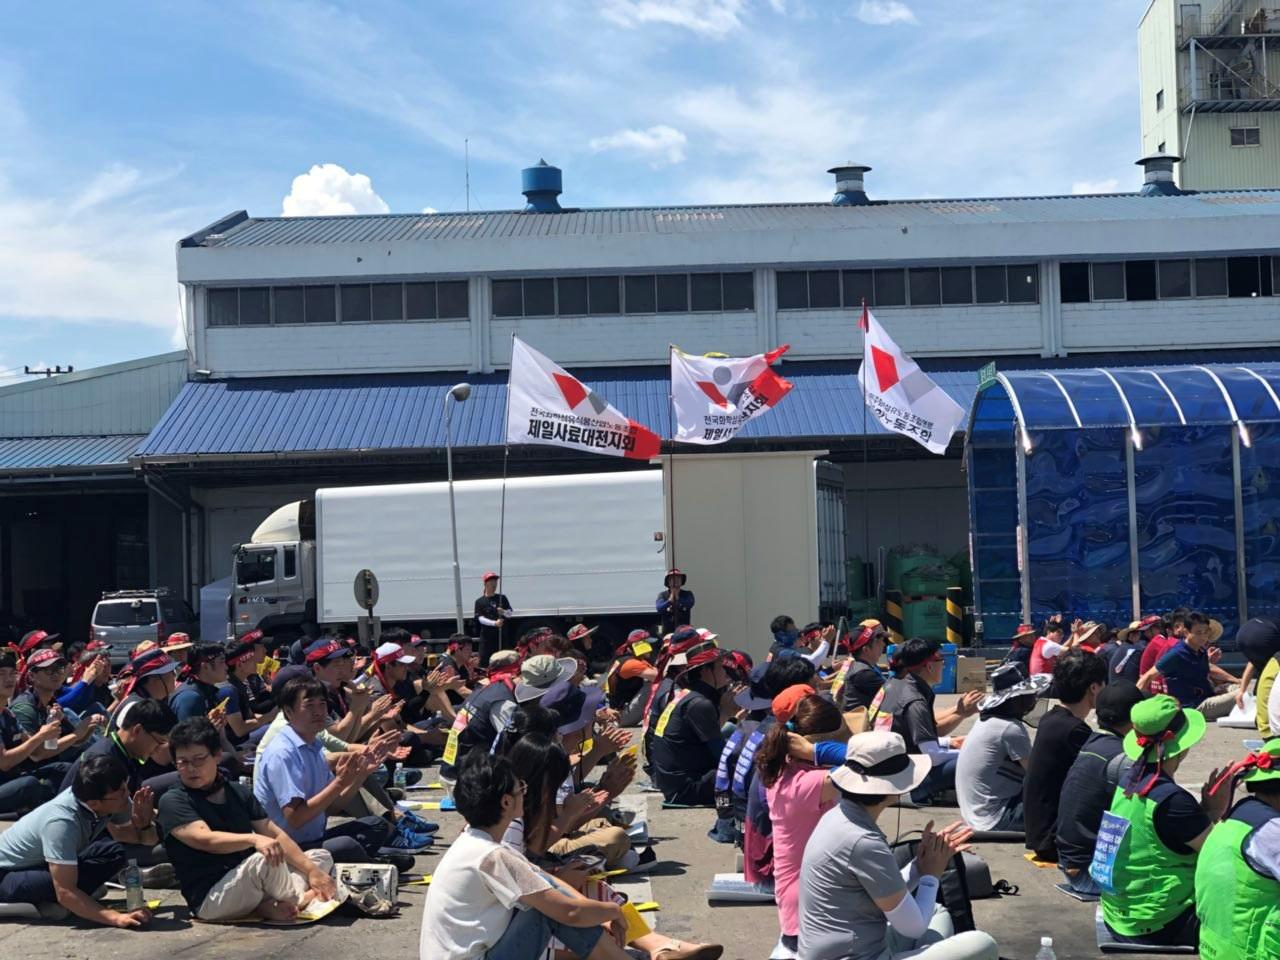 뙤약볕 아래 출정식에 참석한 조합원과 연대 대오들 뜨거운 태양에도 아랑곳 않고 집회에 함께 하고 있다.